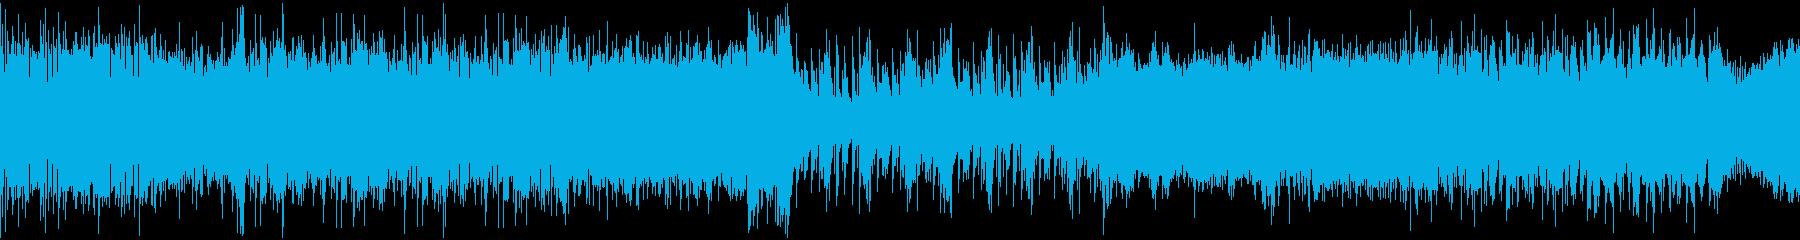 RPG戦闘ピコピコ→ストリングス ループの再生済みの波形